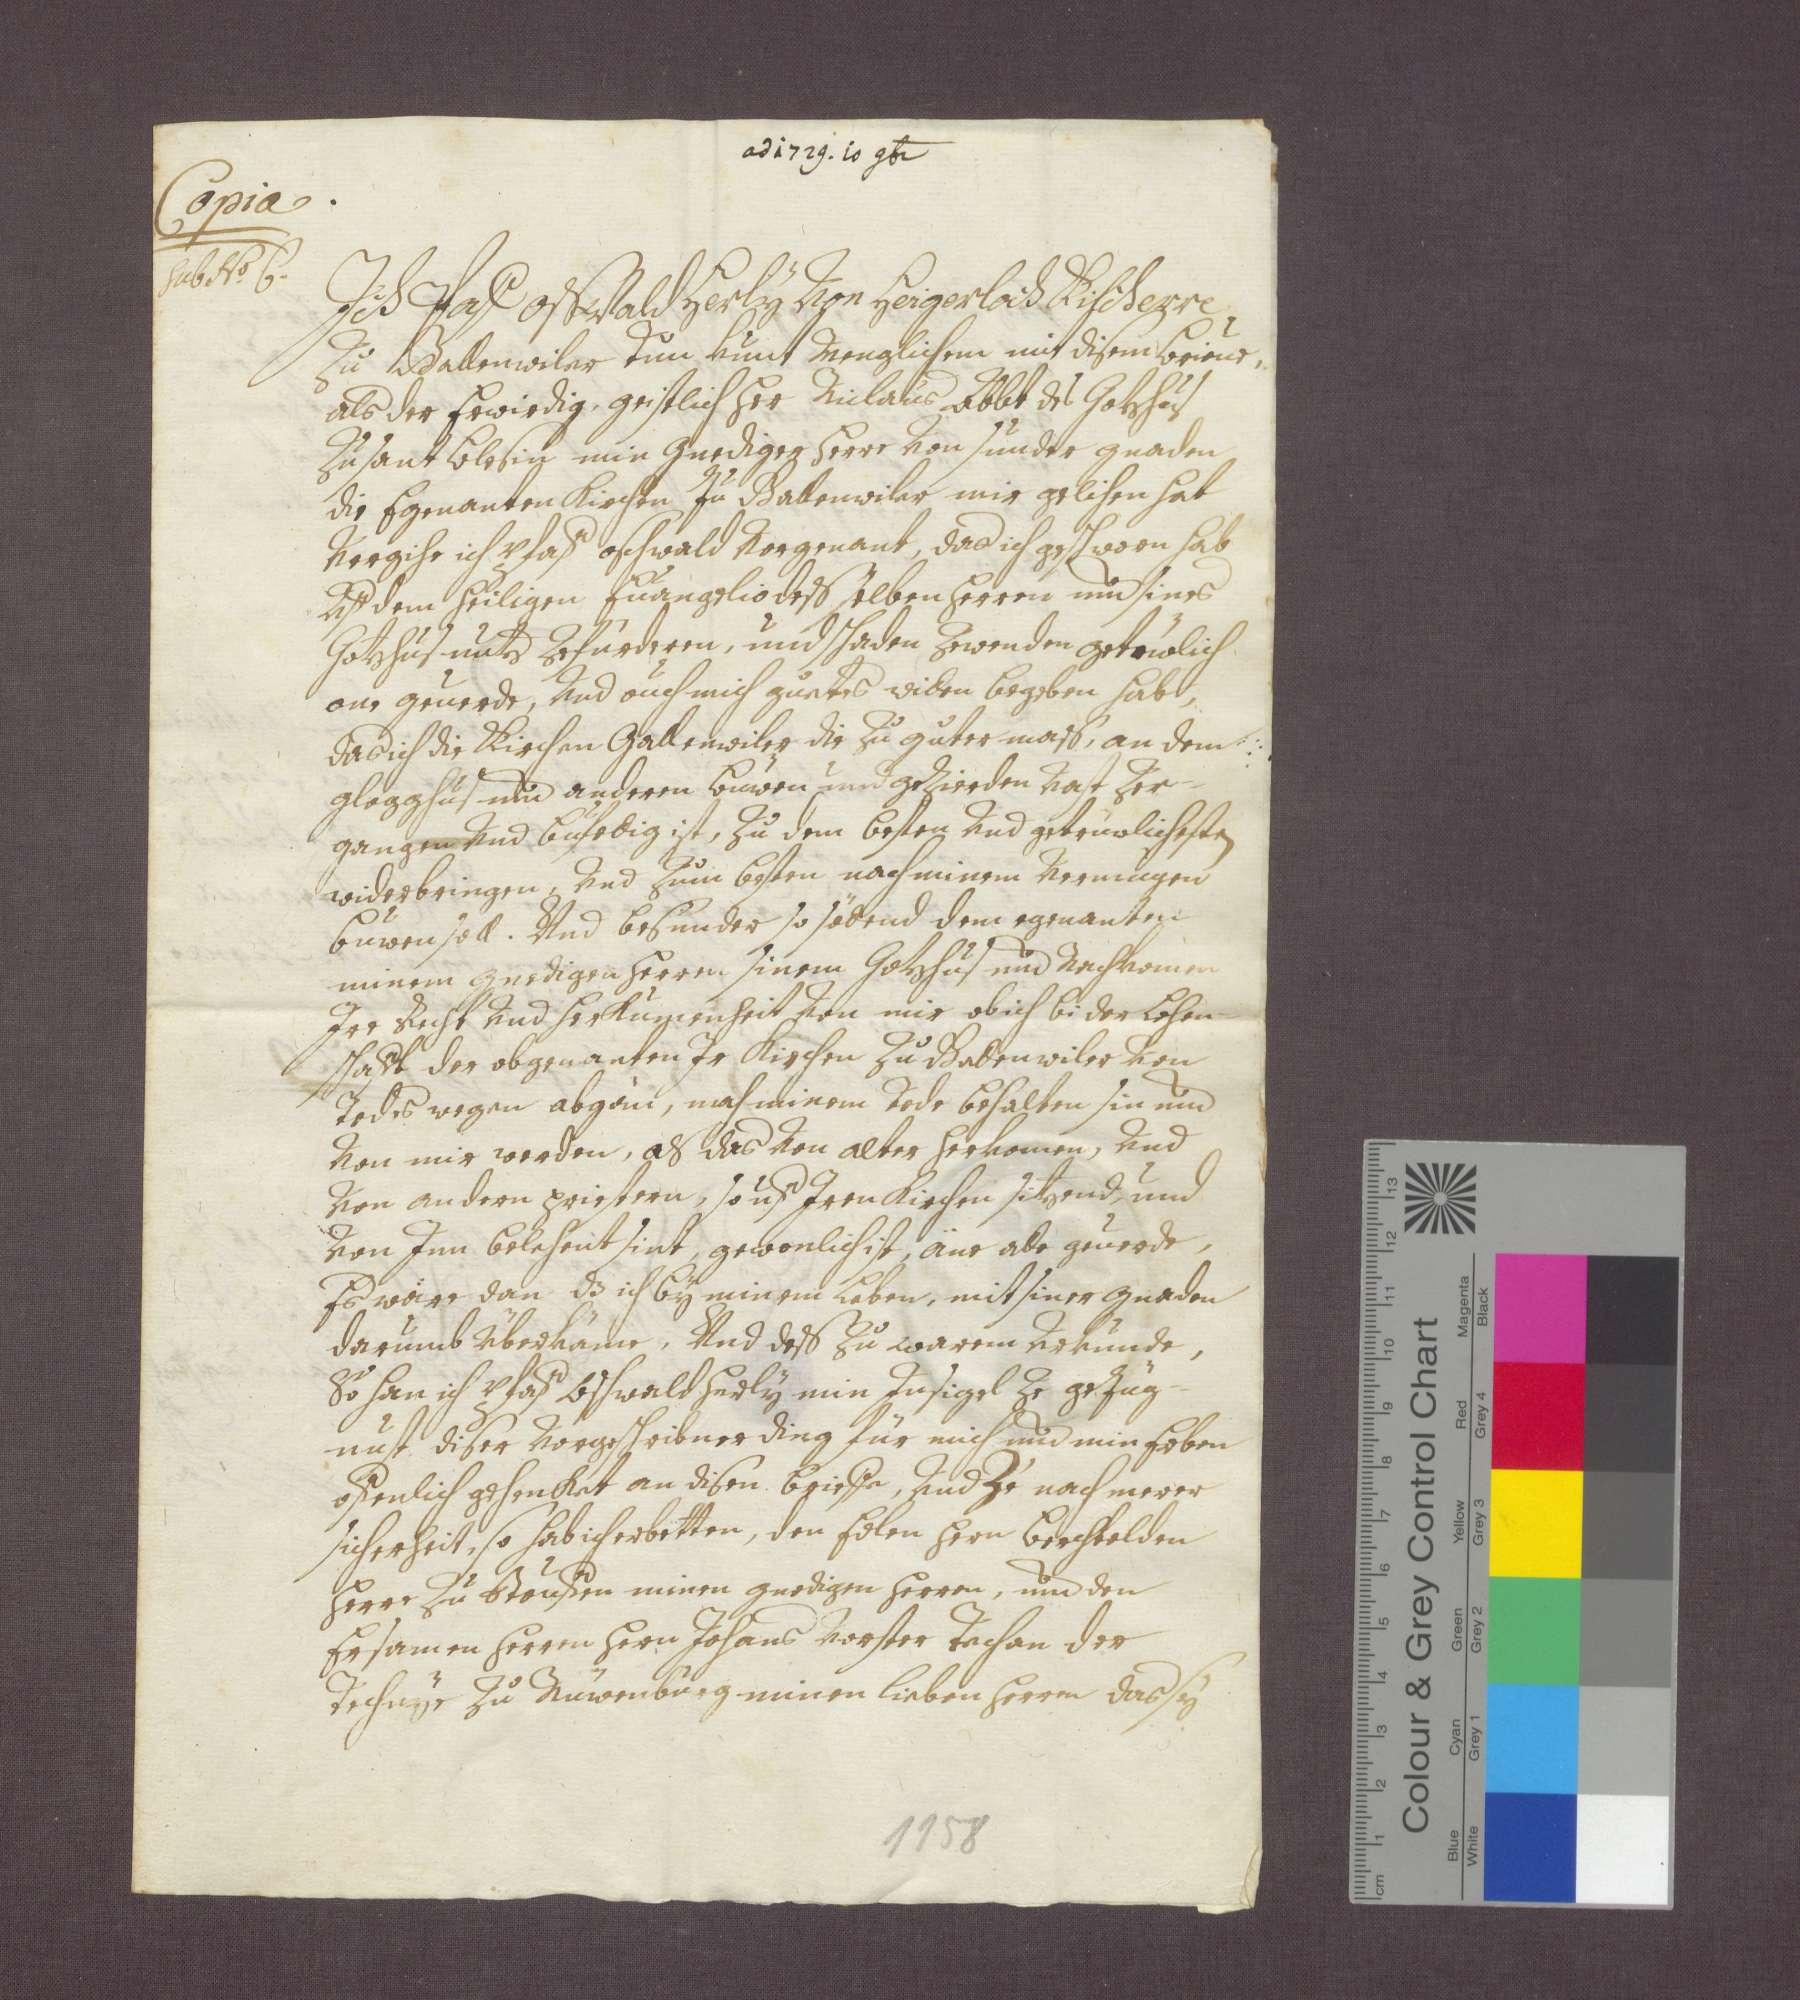 Revers des Oswald Herly gegenüber die Abtei St. Blasien über die Bestallung zum Pfarrer in Gallenweiler., Bild 3